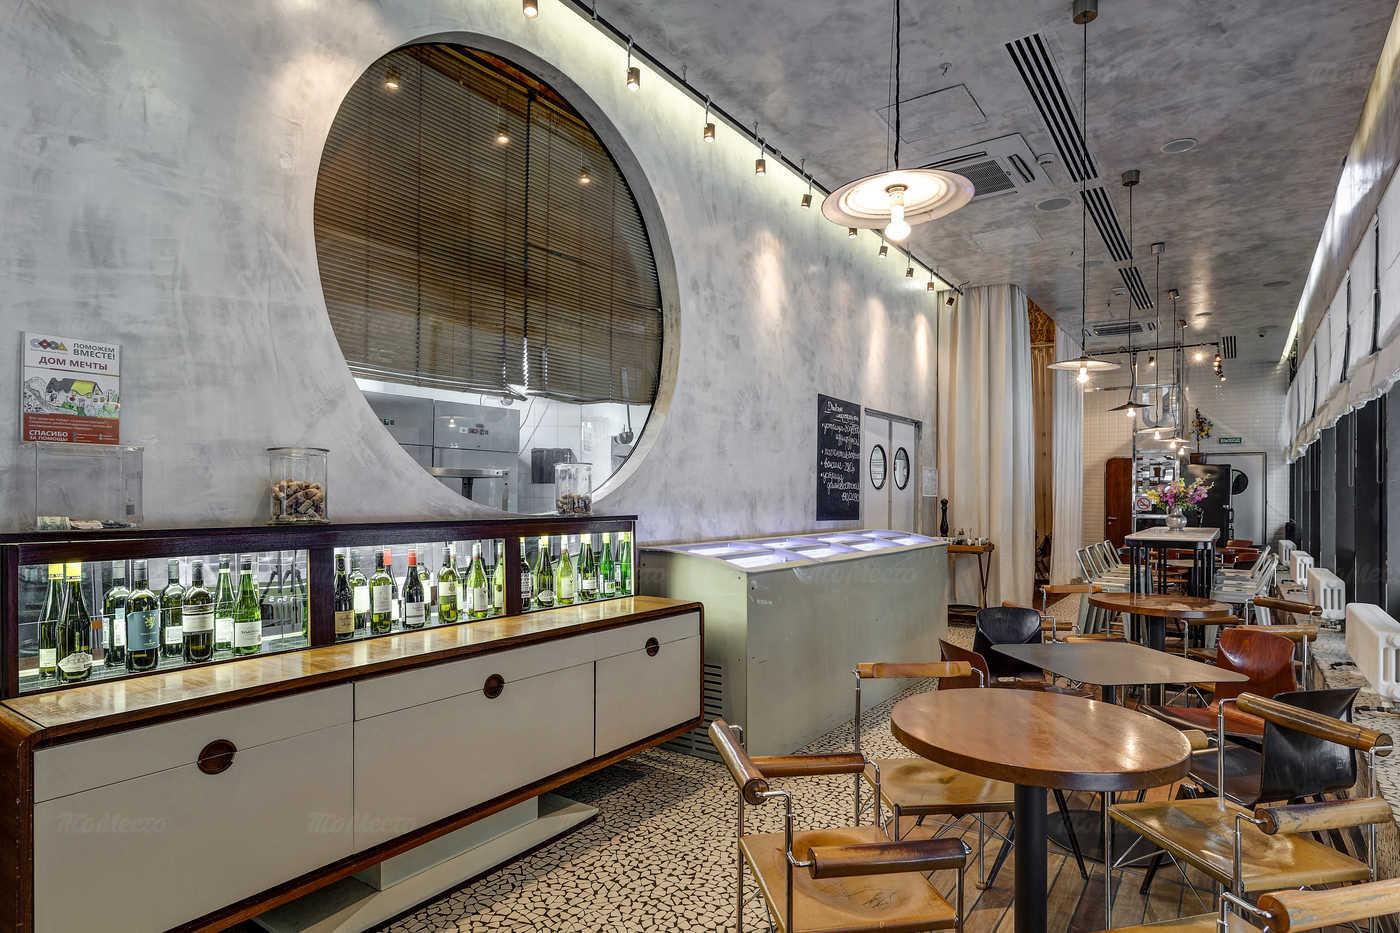 Ресторан Osteria Bianca (Остерия Бьянка) на улице Лесной  фото 11